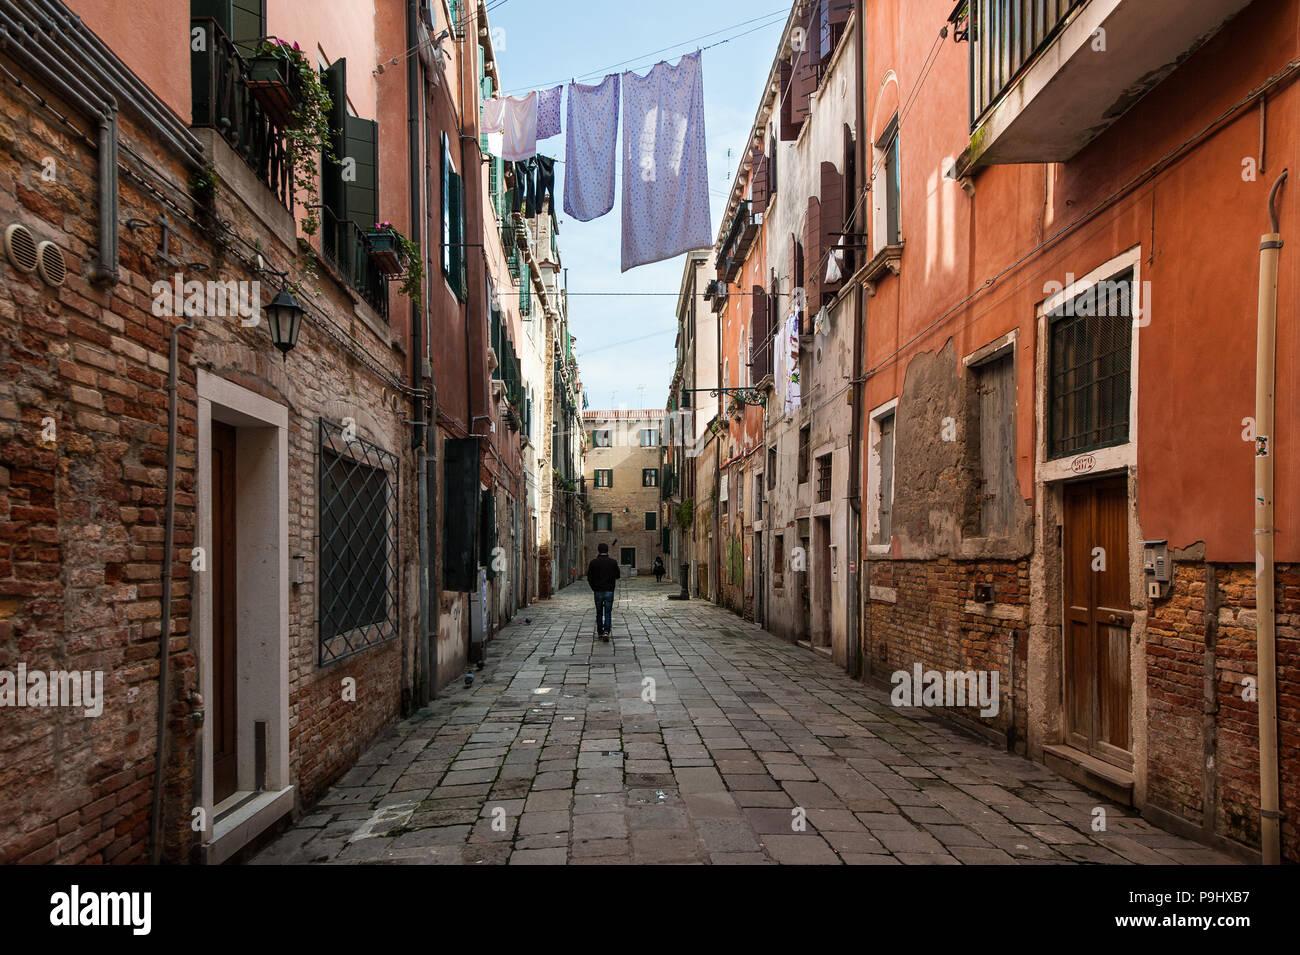 Un hombre que camina sobre una calle casi vacía en el secado de la ropa de cama en Venecia, Italia Foto de stock